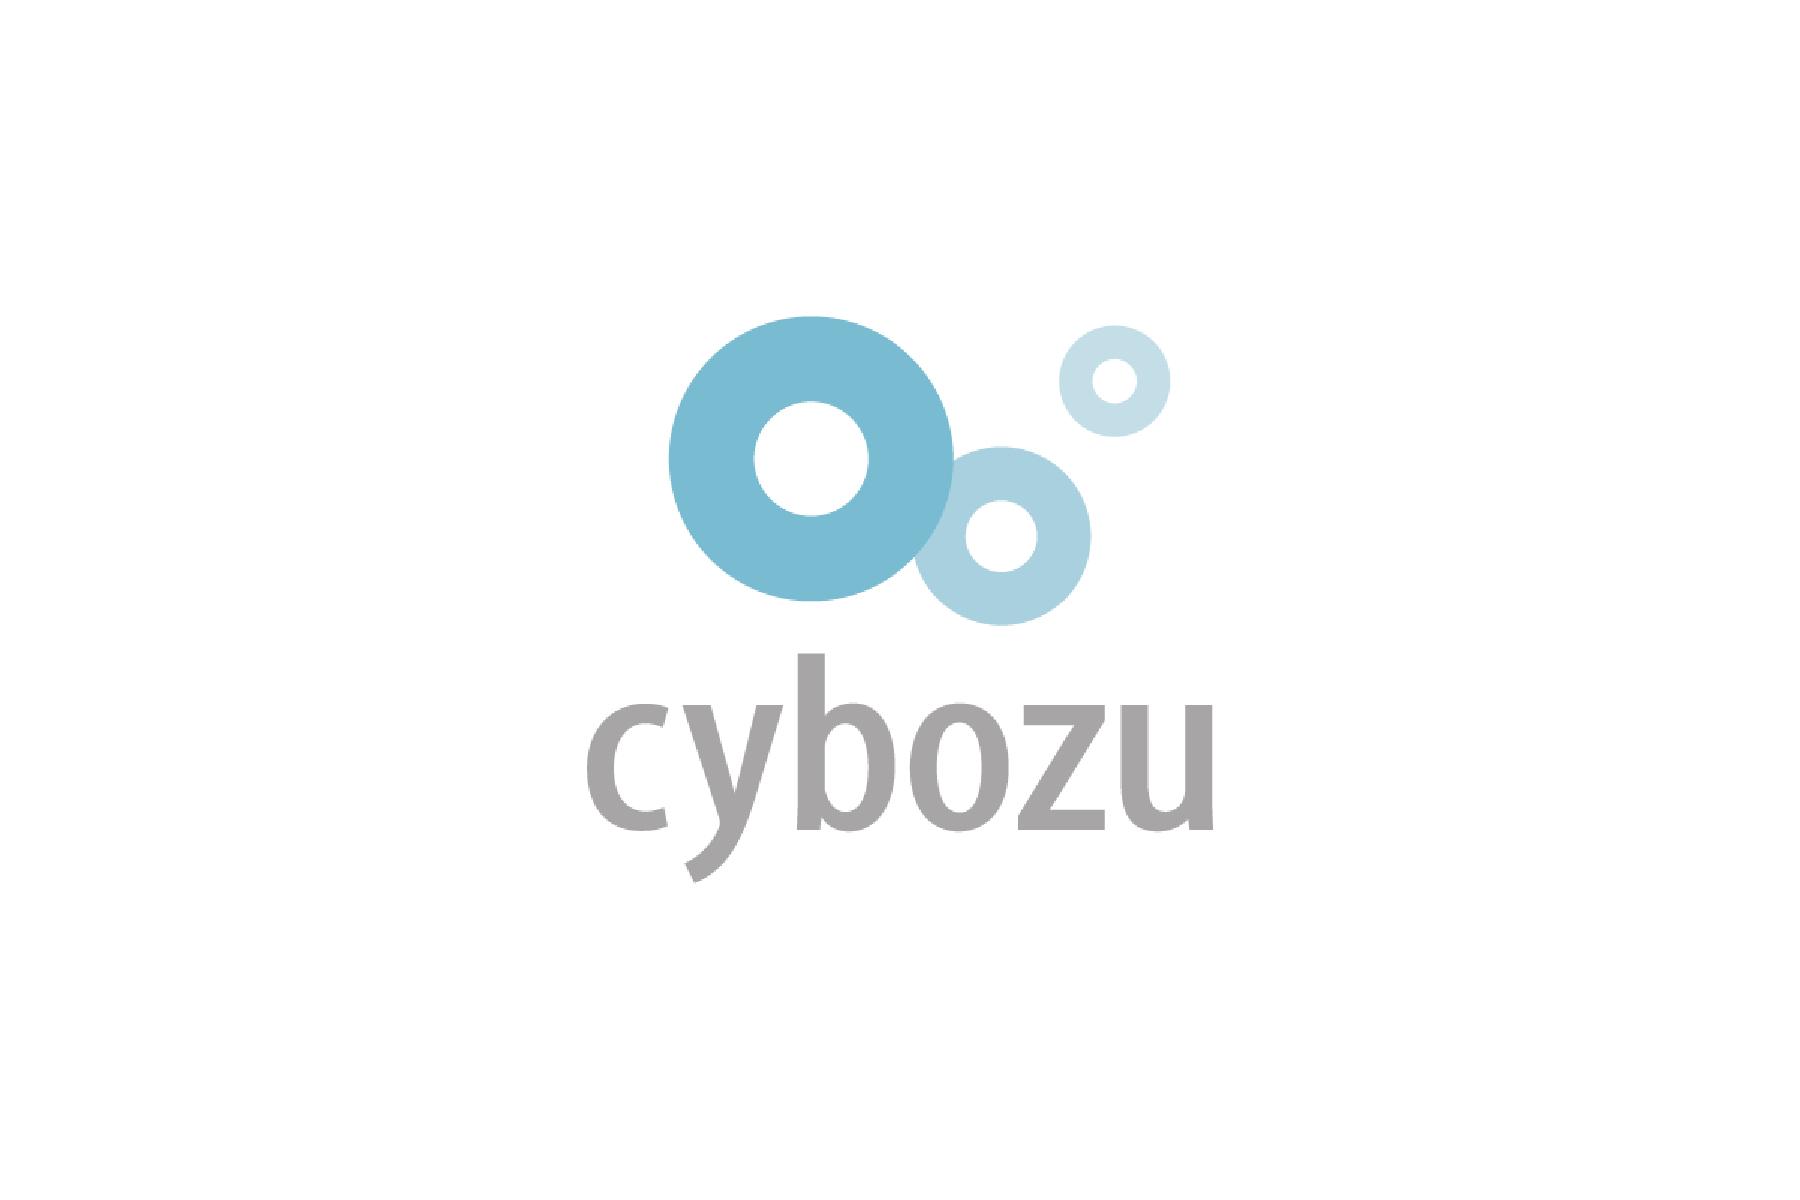 サイボウズ×大阪府 | 新型コロナウイルス対応状況管理システムを作成し全国自治体へのテンプレート提供を開始